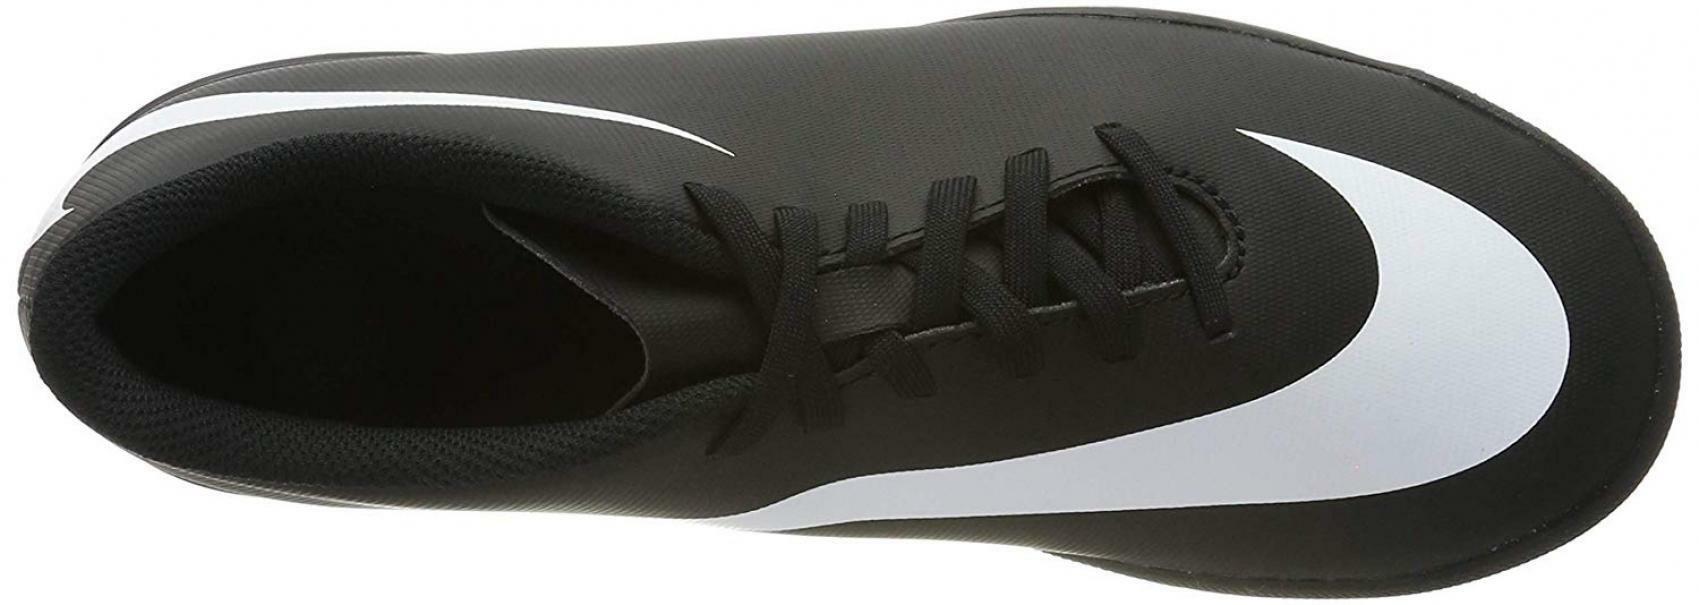 nike nike bravata ii (tf) 844437 001 scarpa da calcetto unisex adulto nero